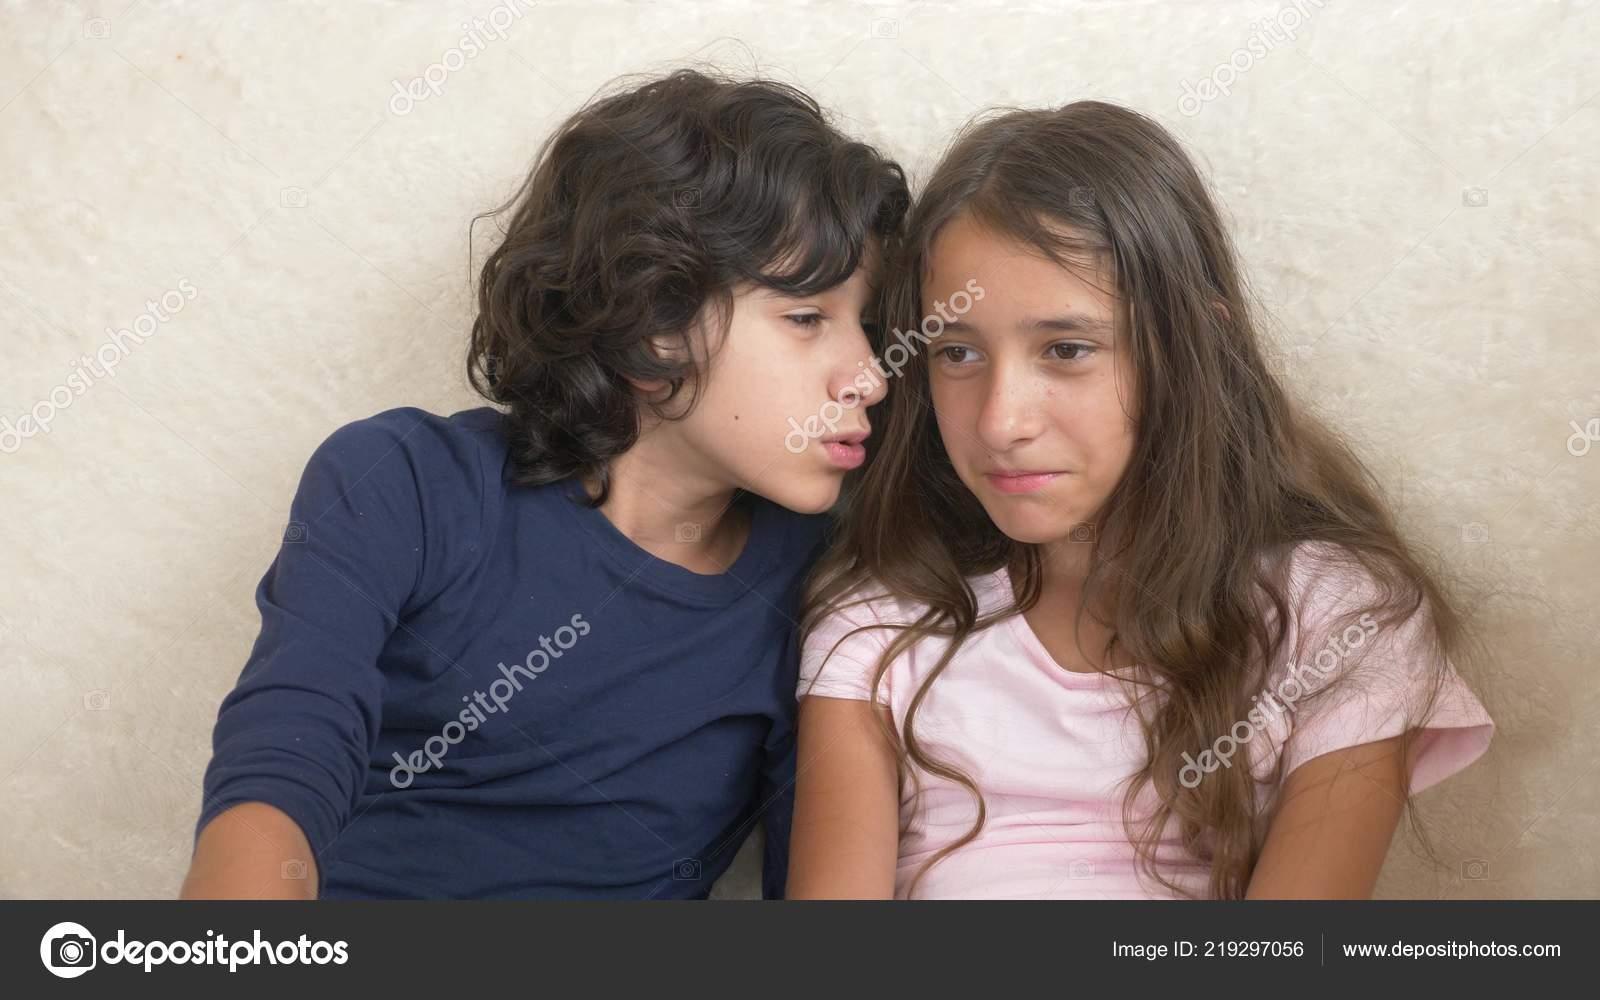 Секс брат сестра и, Порно: брат и сестра. Секс инцест брата и сестры на 22 фотография